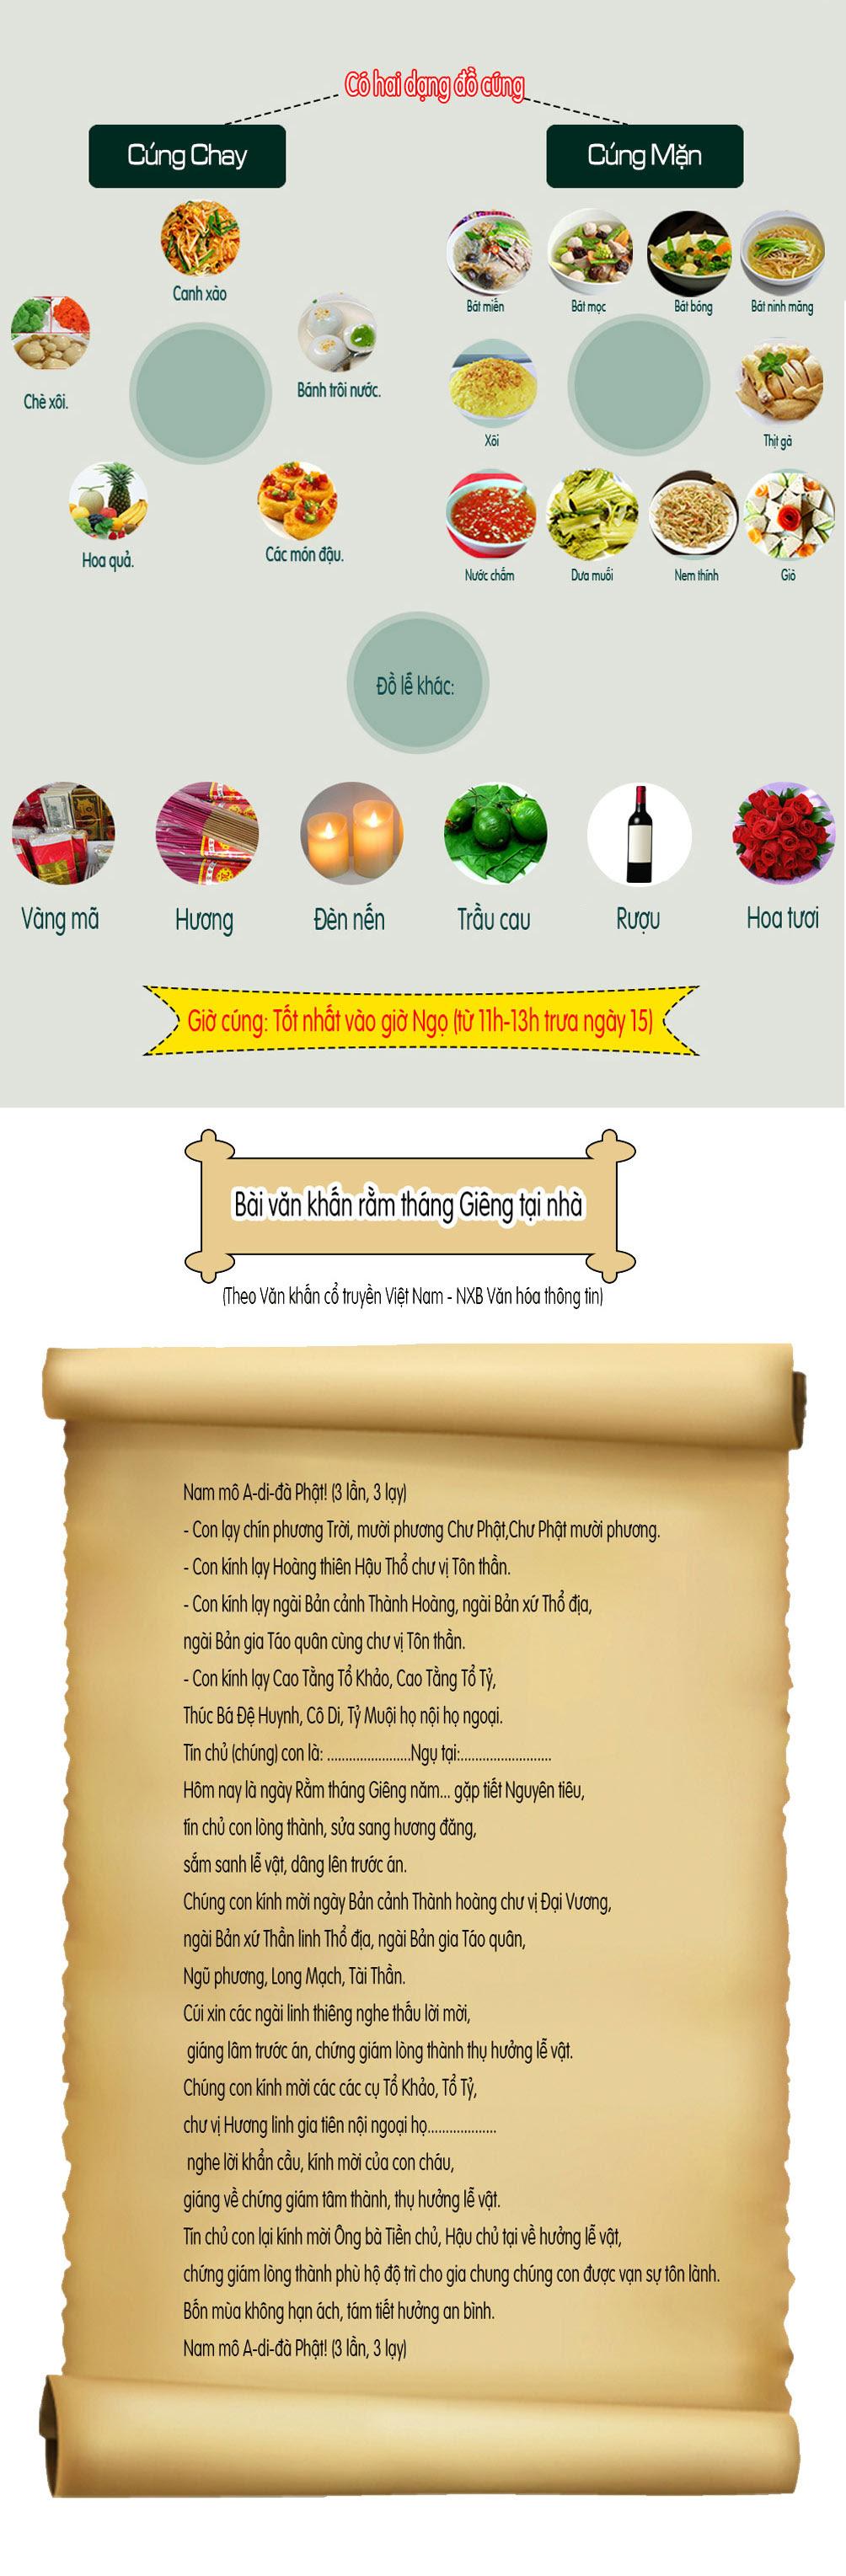 Infographic: Cách cúng rằm tháng Giêng đúng chuẩn ít người biết - 2